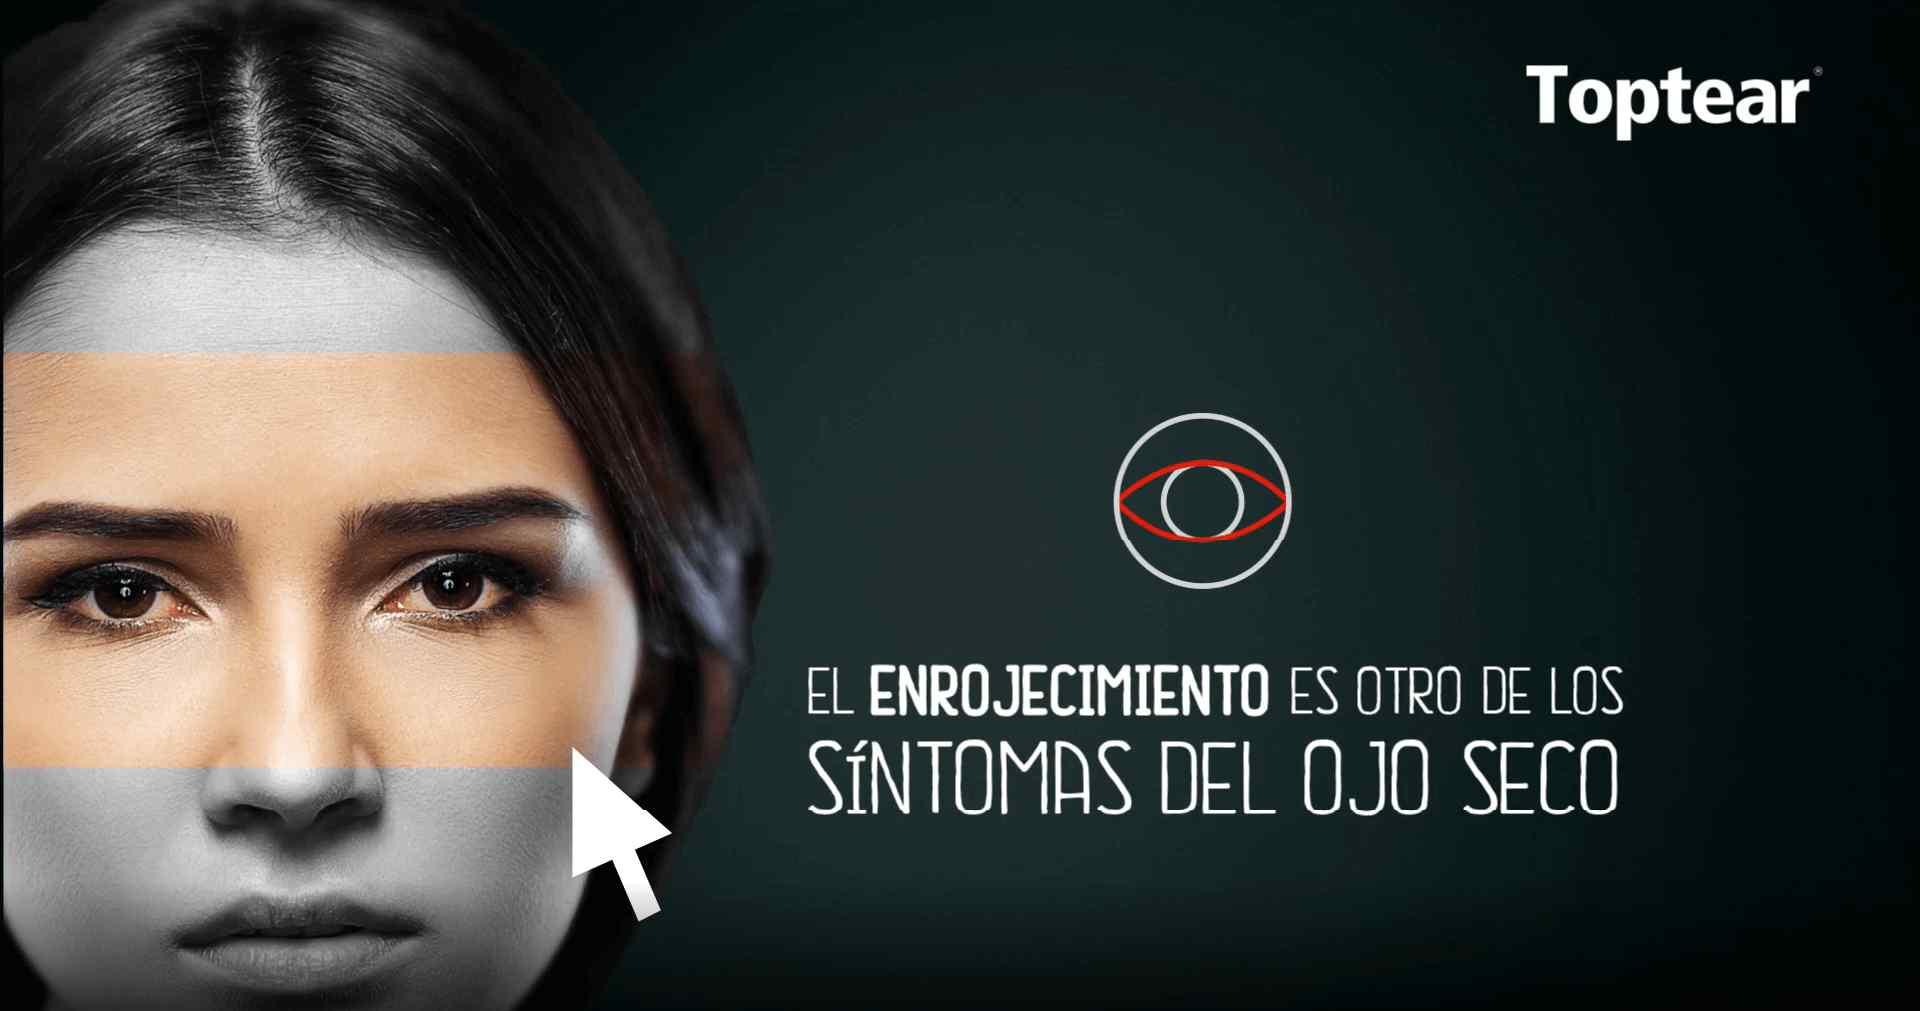 El enrojecimiento es otro de los sintomas del ojo seco